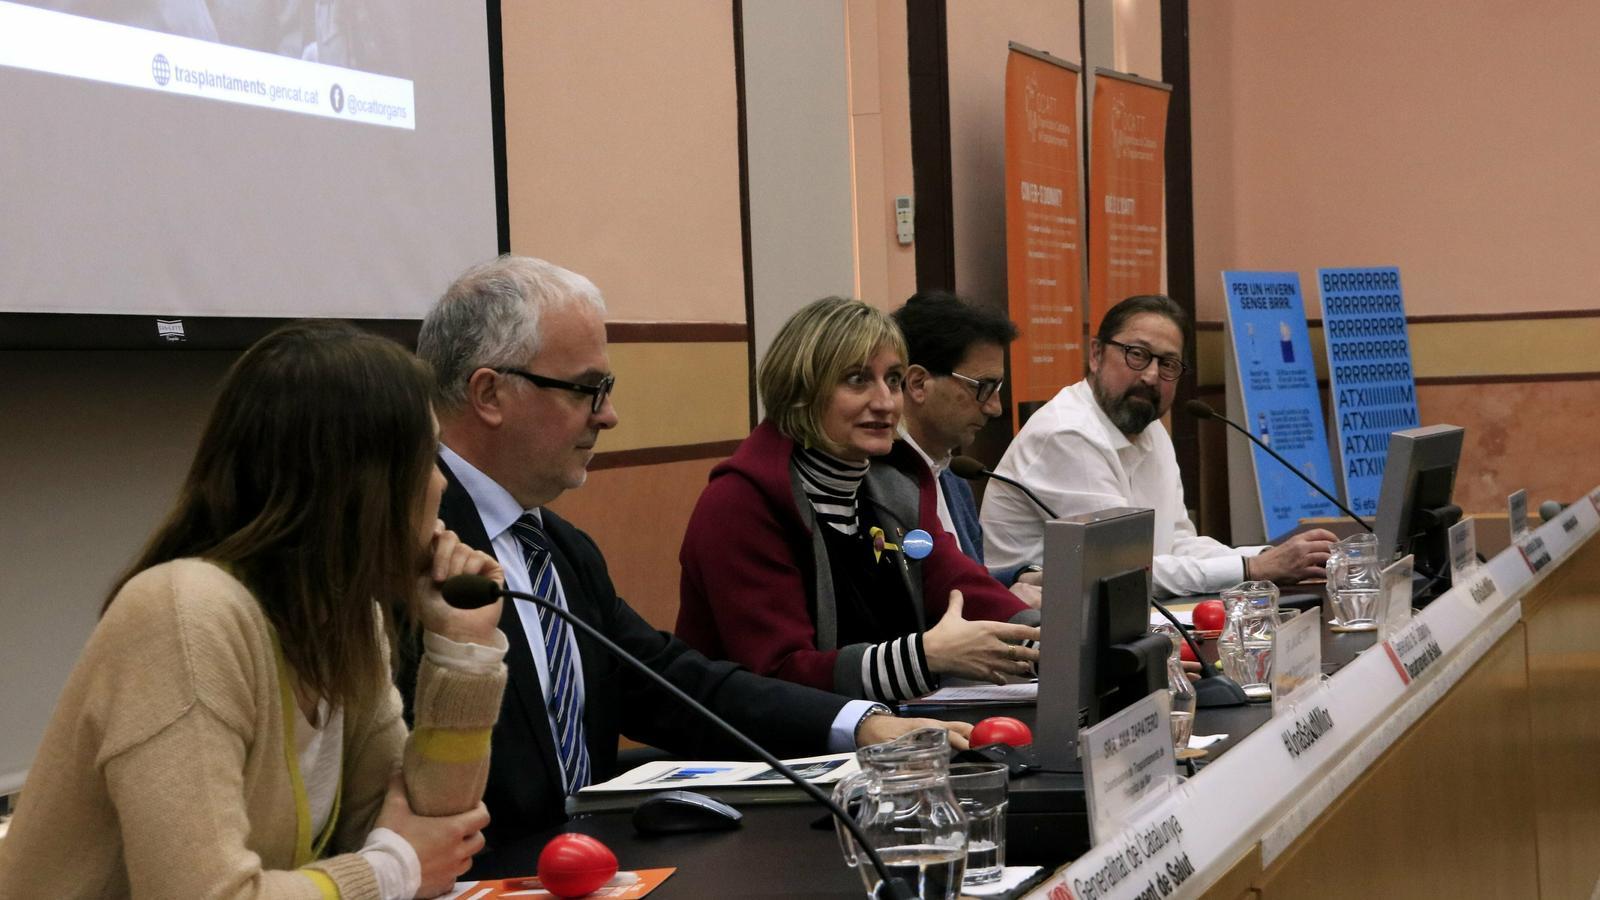 La consellera Alba Vergés amb la coordinadora de Trasplantaments de l'Hospital del Mar, Ana Zapatero; el director de l'OCATT, Jaume Tort; Carles Bravo, de l'equip de Trasplantament Pulmonar de Vall d'Hebron, i Armando Latorre, receptor de dos pulmons.